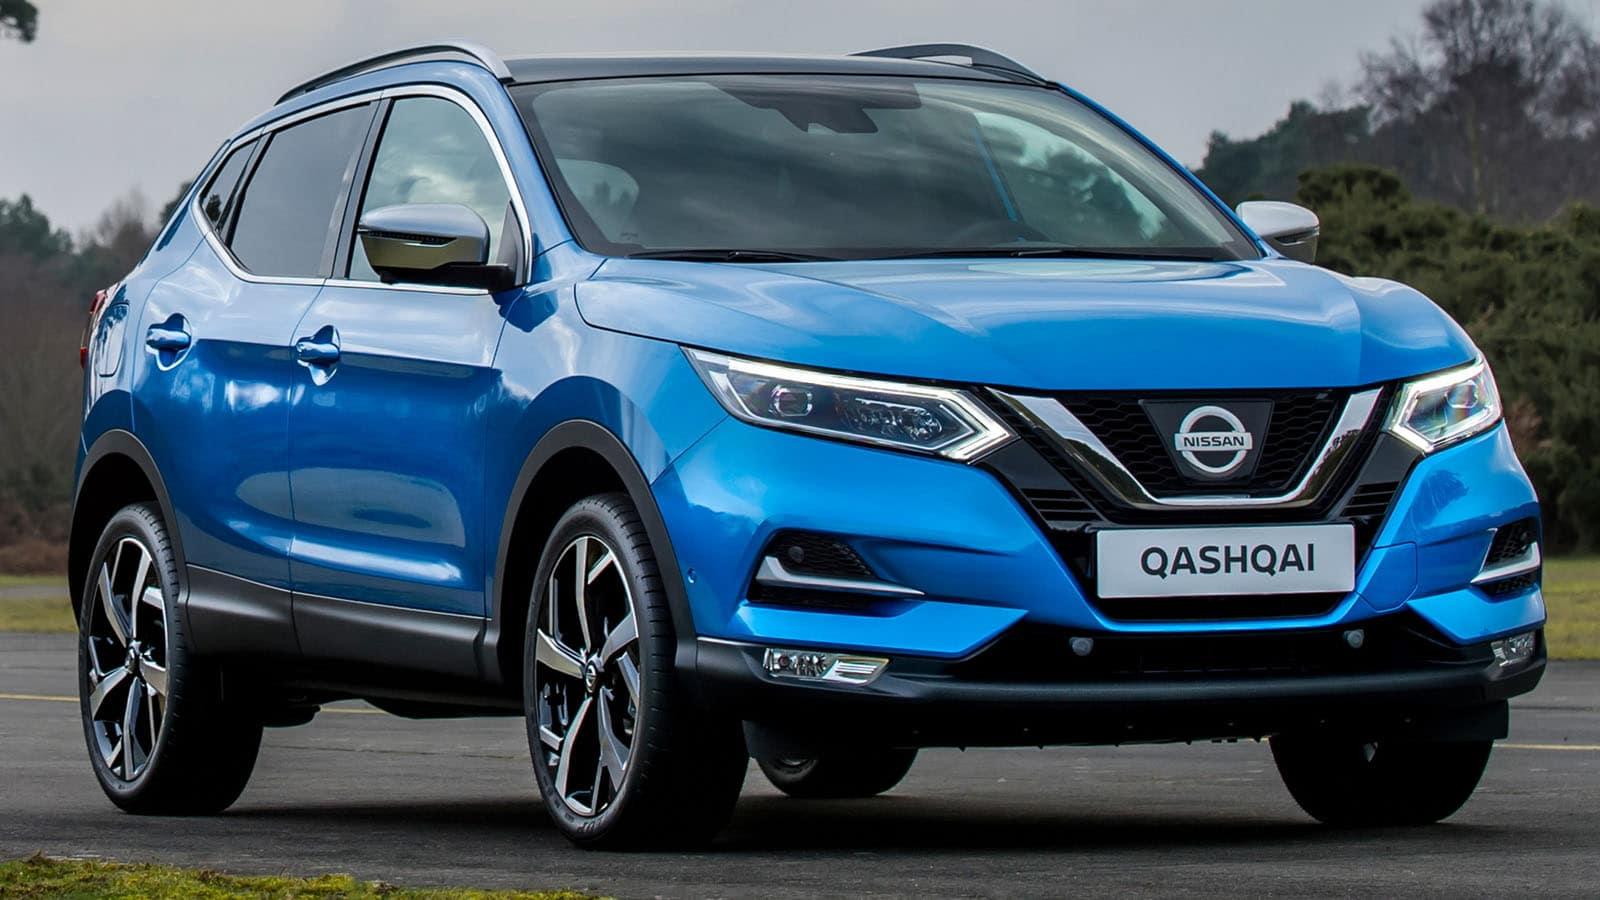 """Лучшие автомобили 2019 года в России """" Надежные"""" - 2019 Nissan Qashqai"""